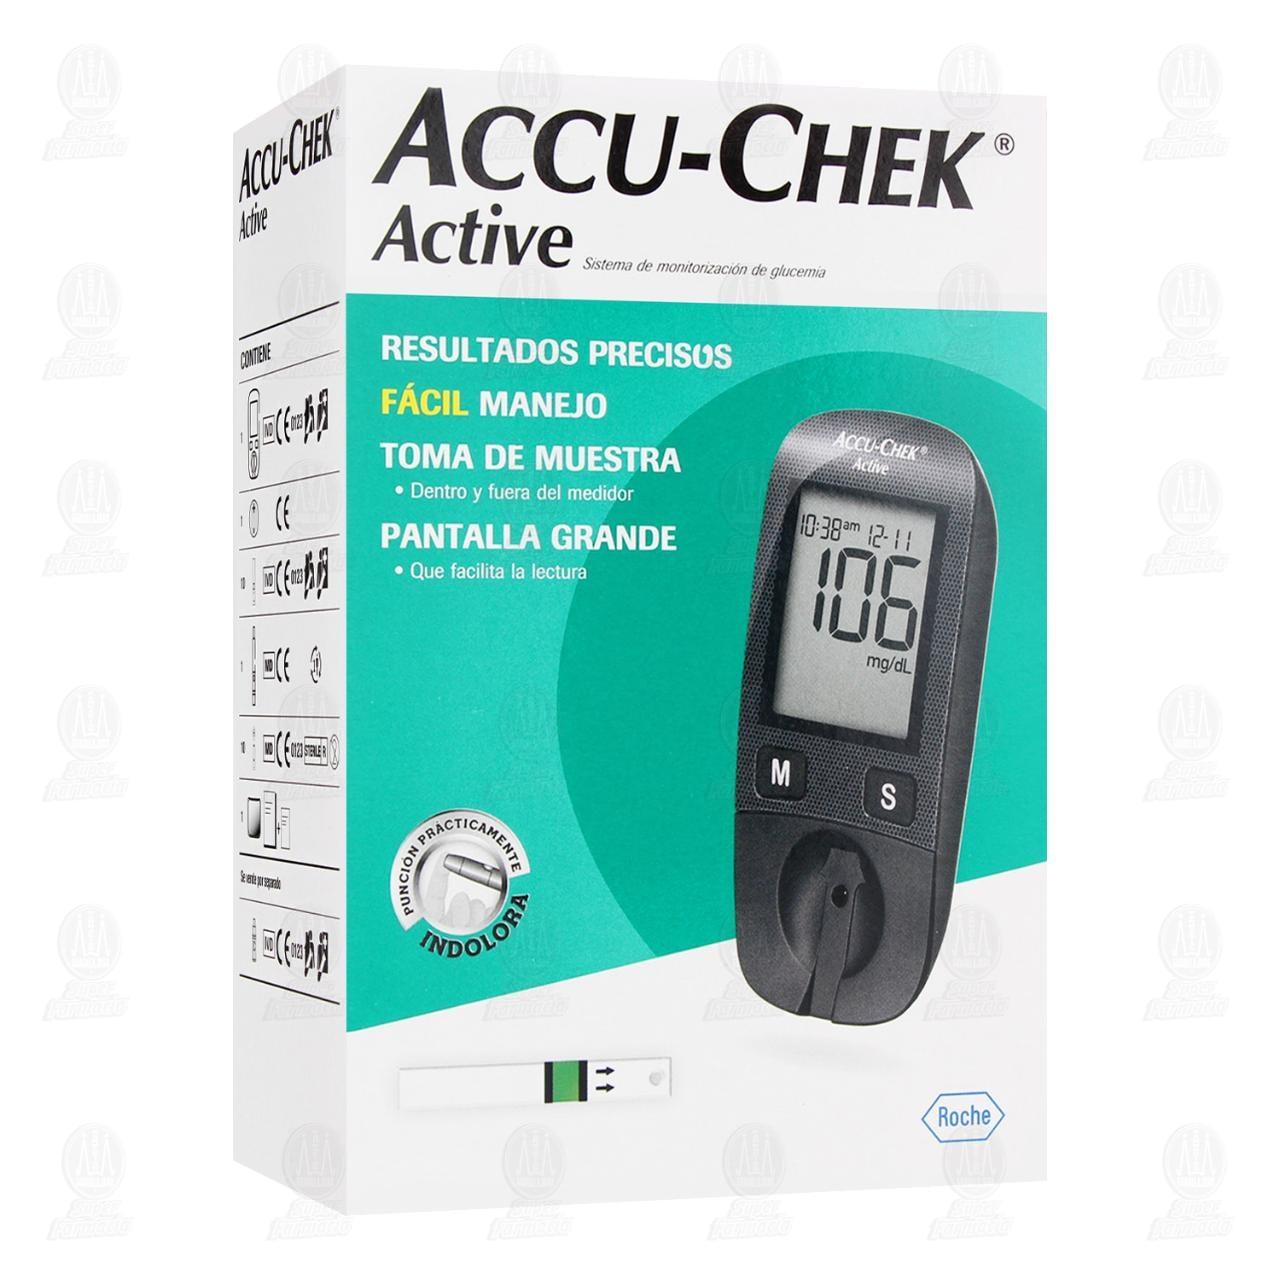 Comprar Accu-chek Active Sistema Estuche para Medición de Glucosa en Farmacias Guadalajara